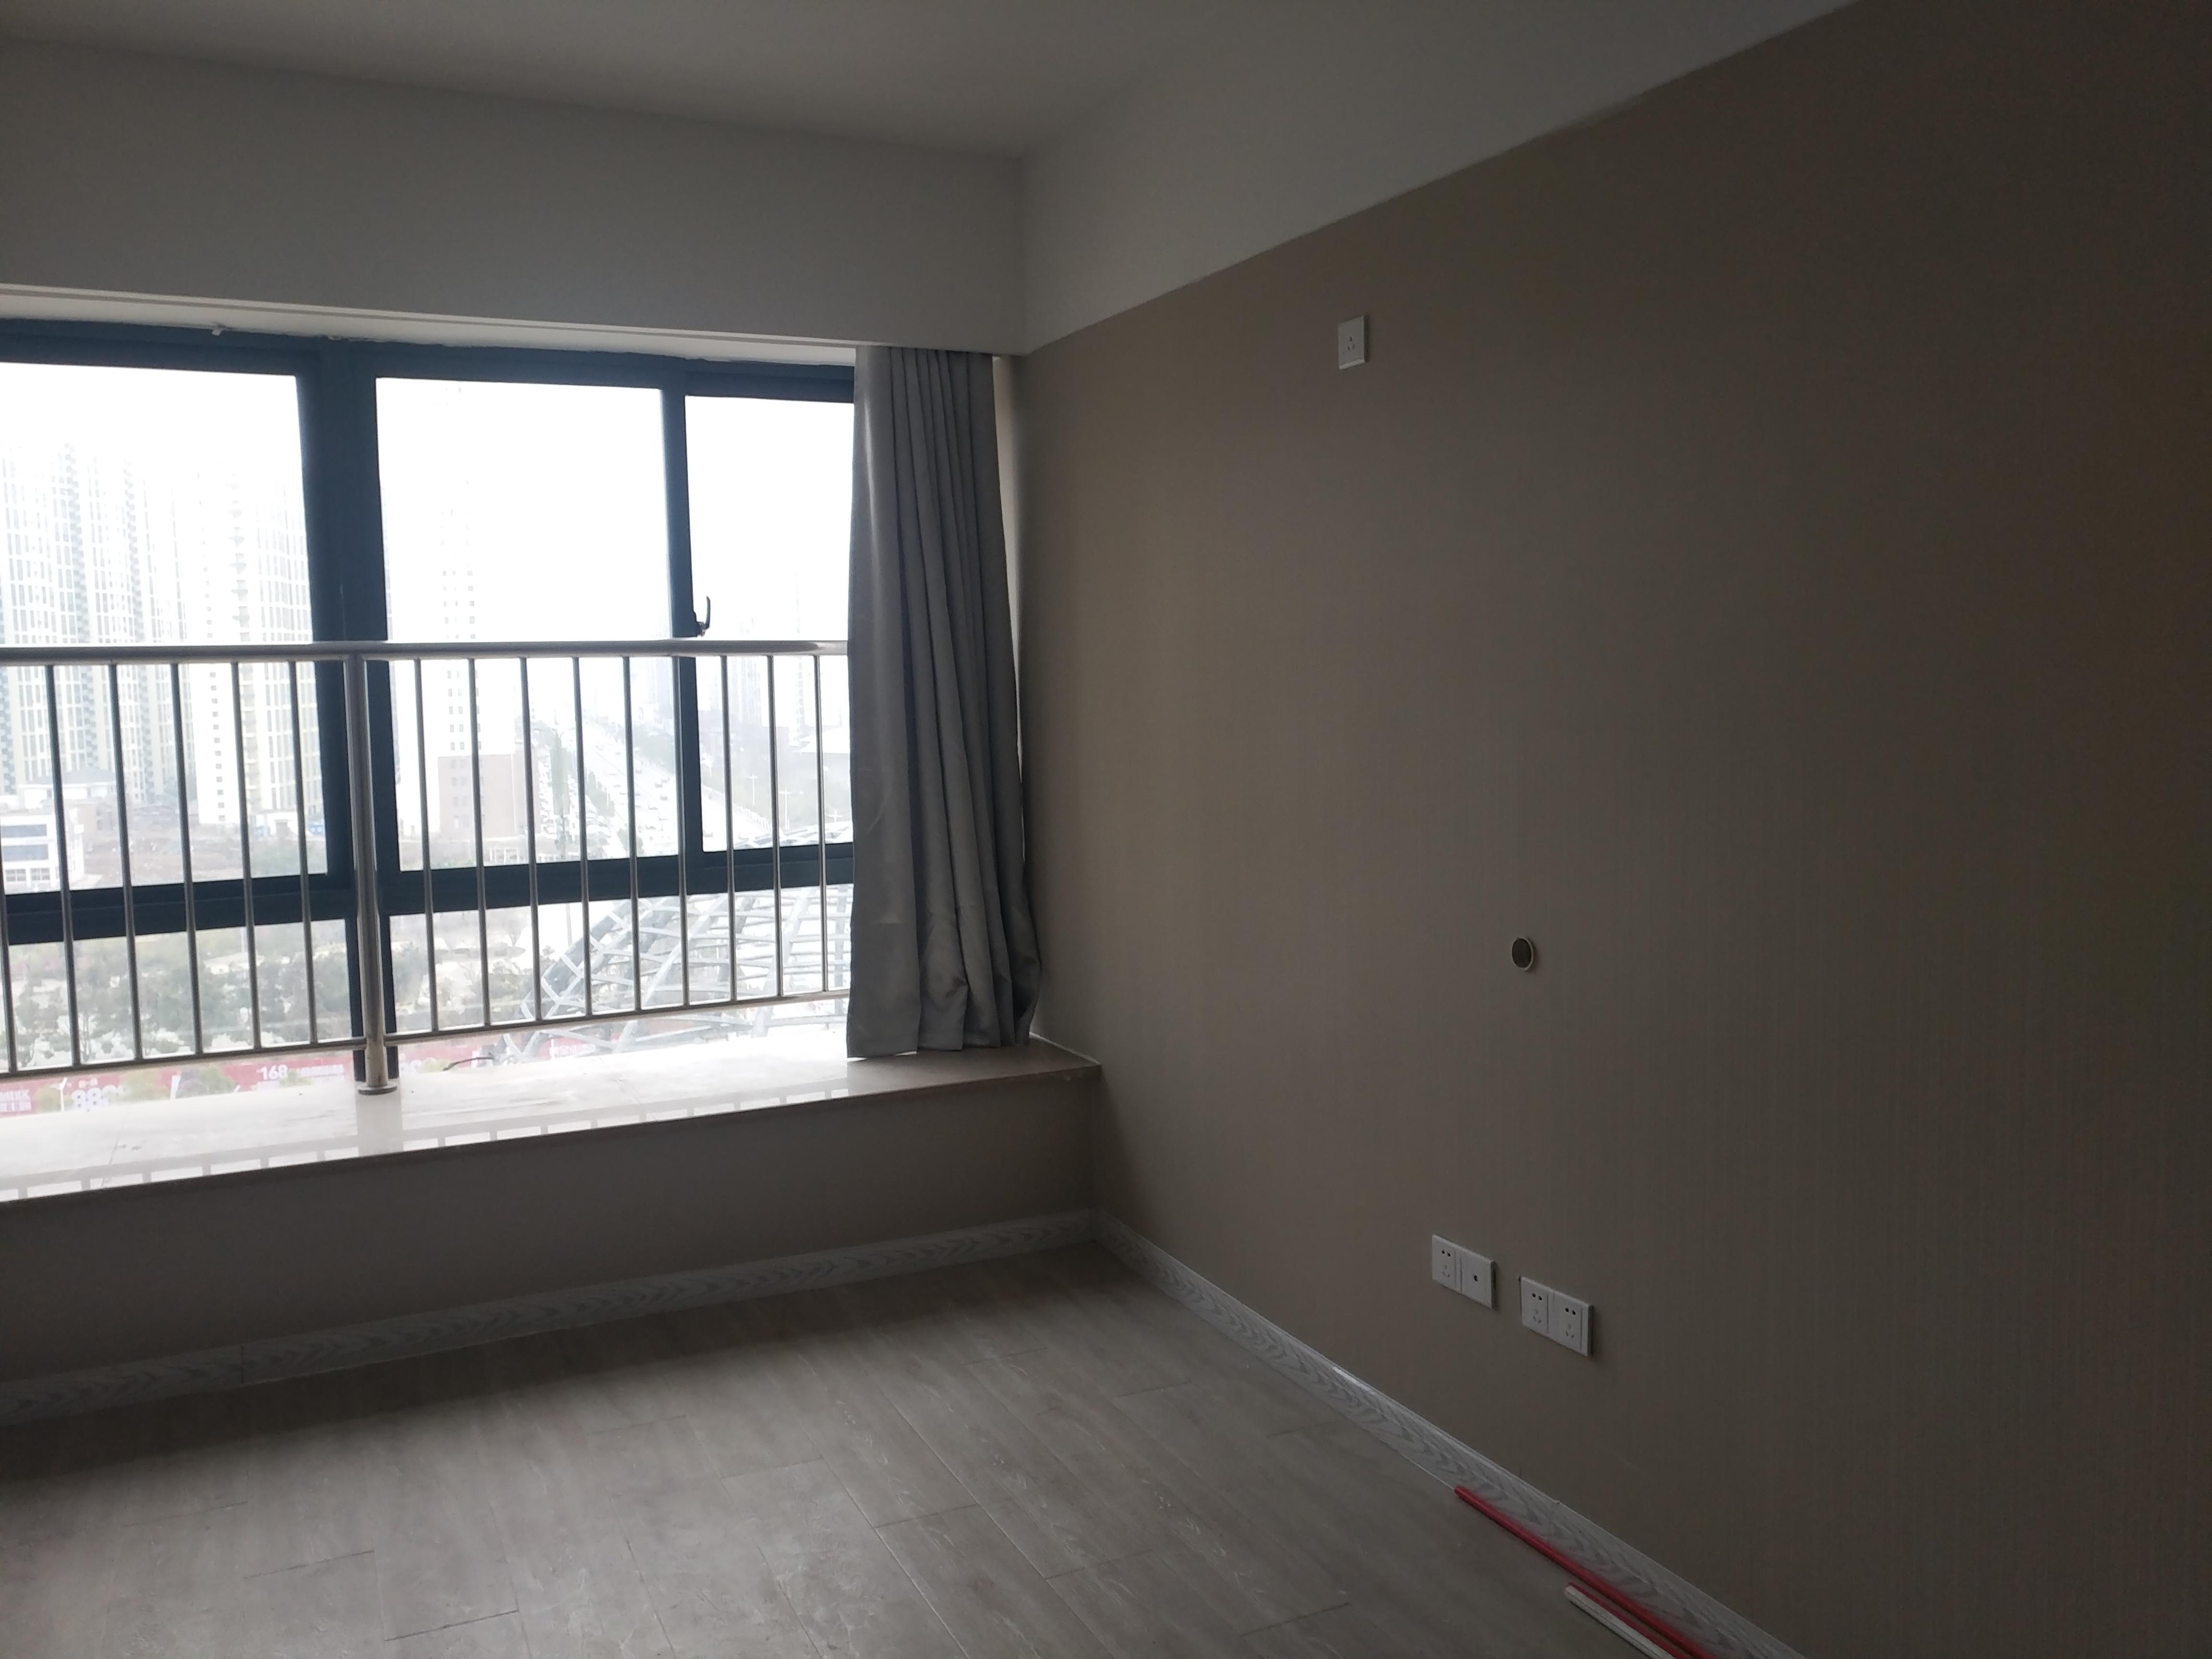 银鹭组团三公寓出租